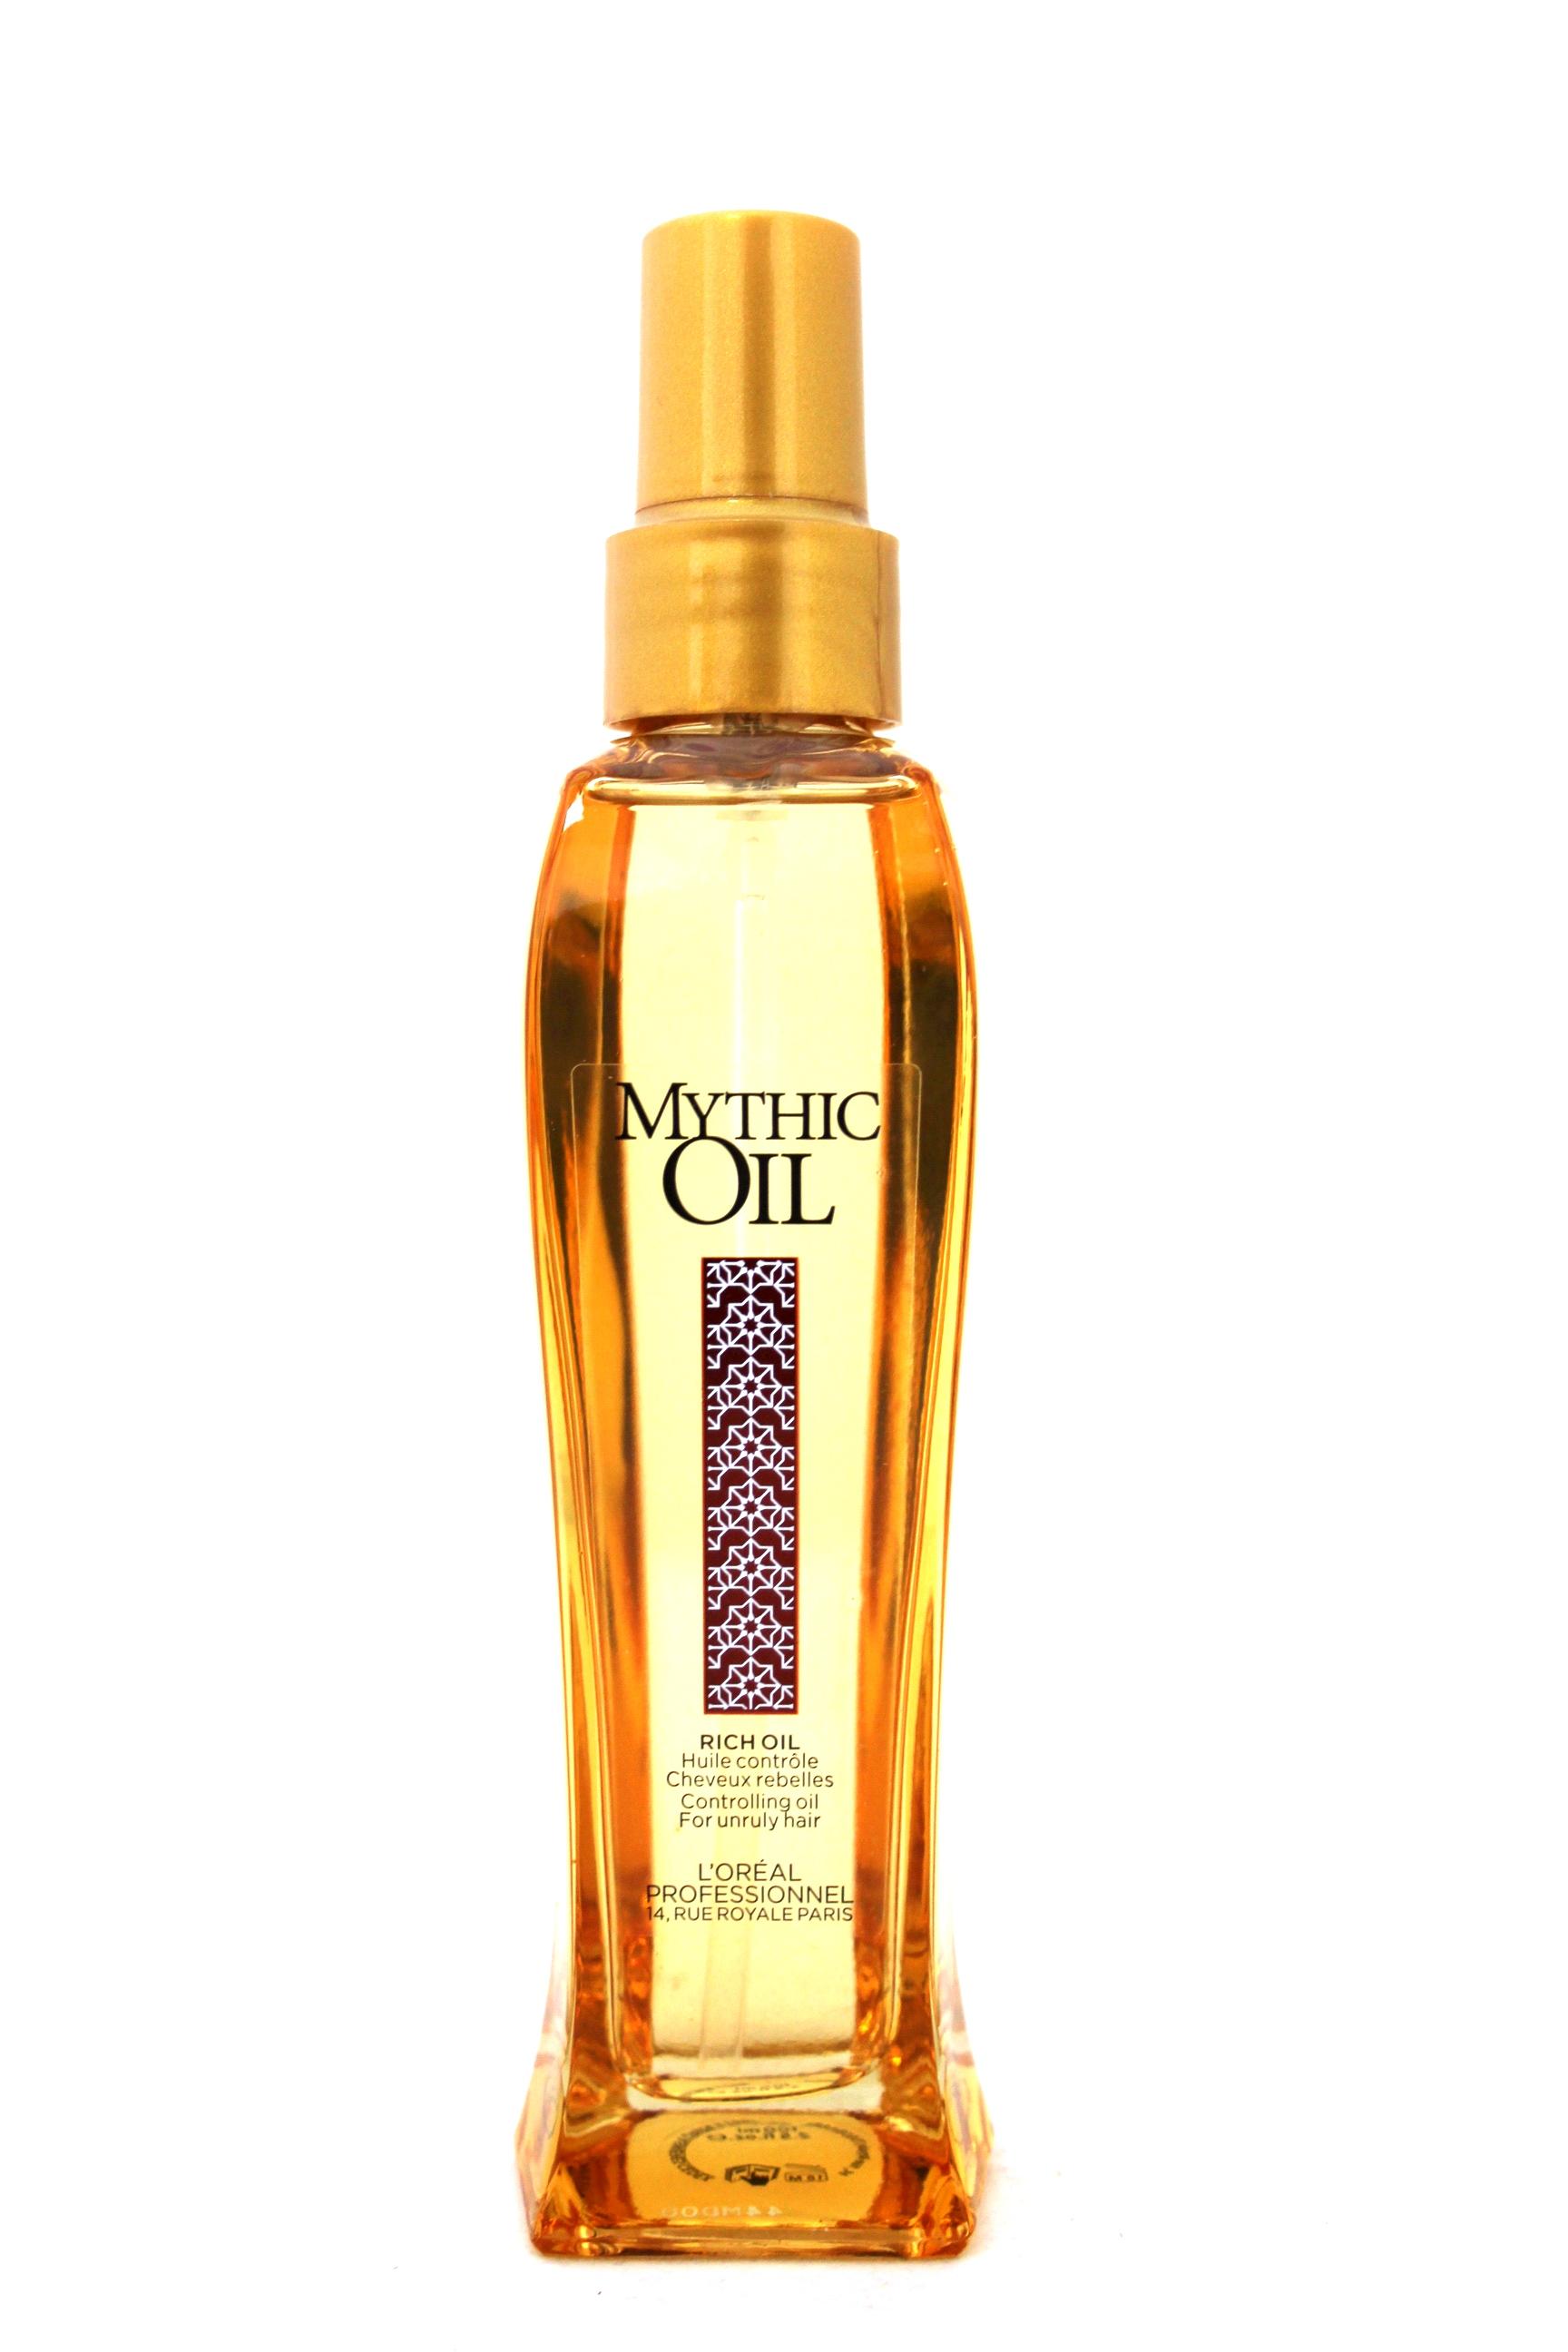 L'Oreal Paris Mythic Oil Rich Oil